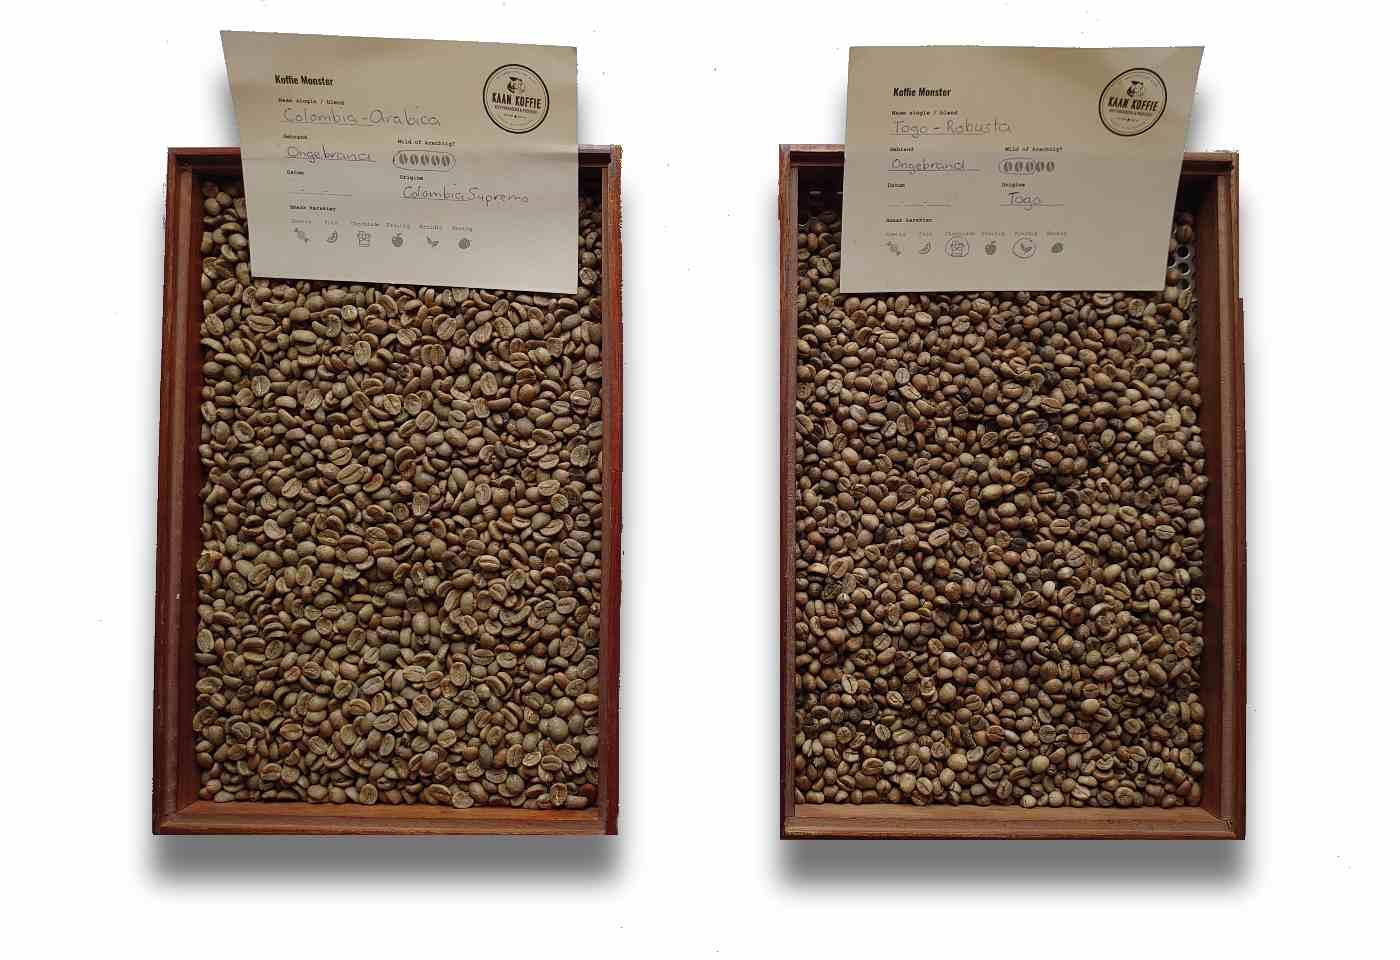 Wat is het verschil tussen Arabica koffiebonen en Robusta koffiebonen?